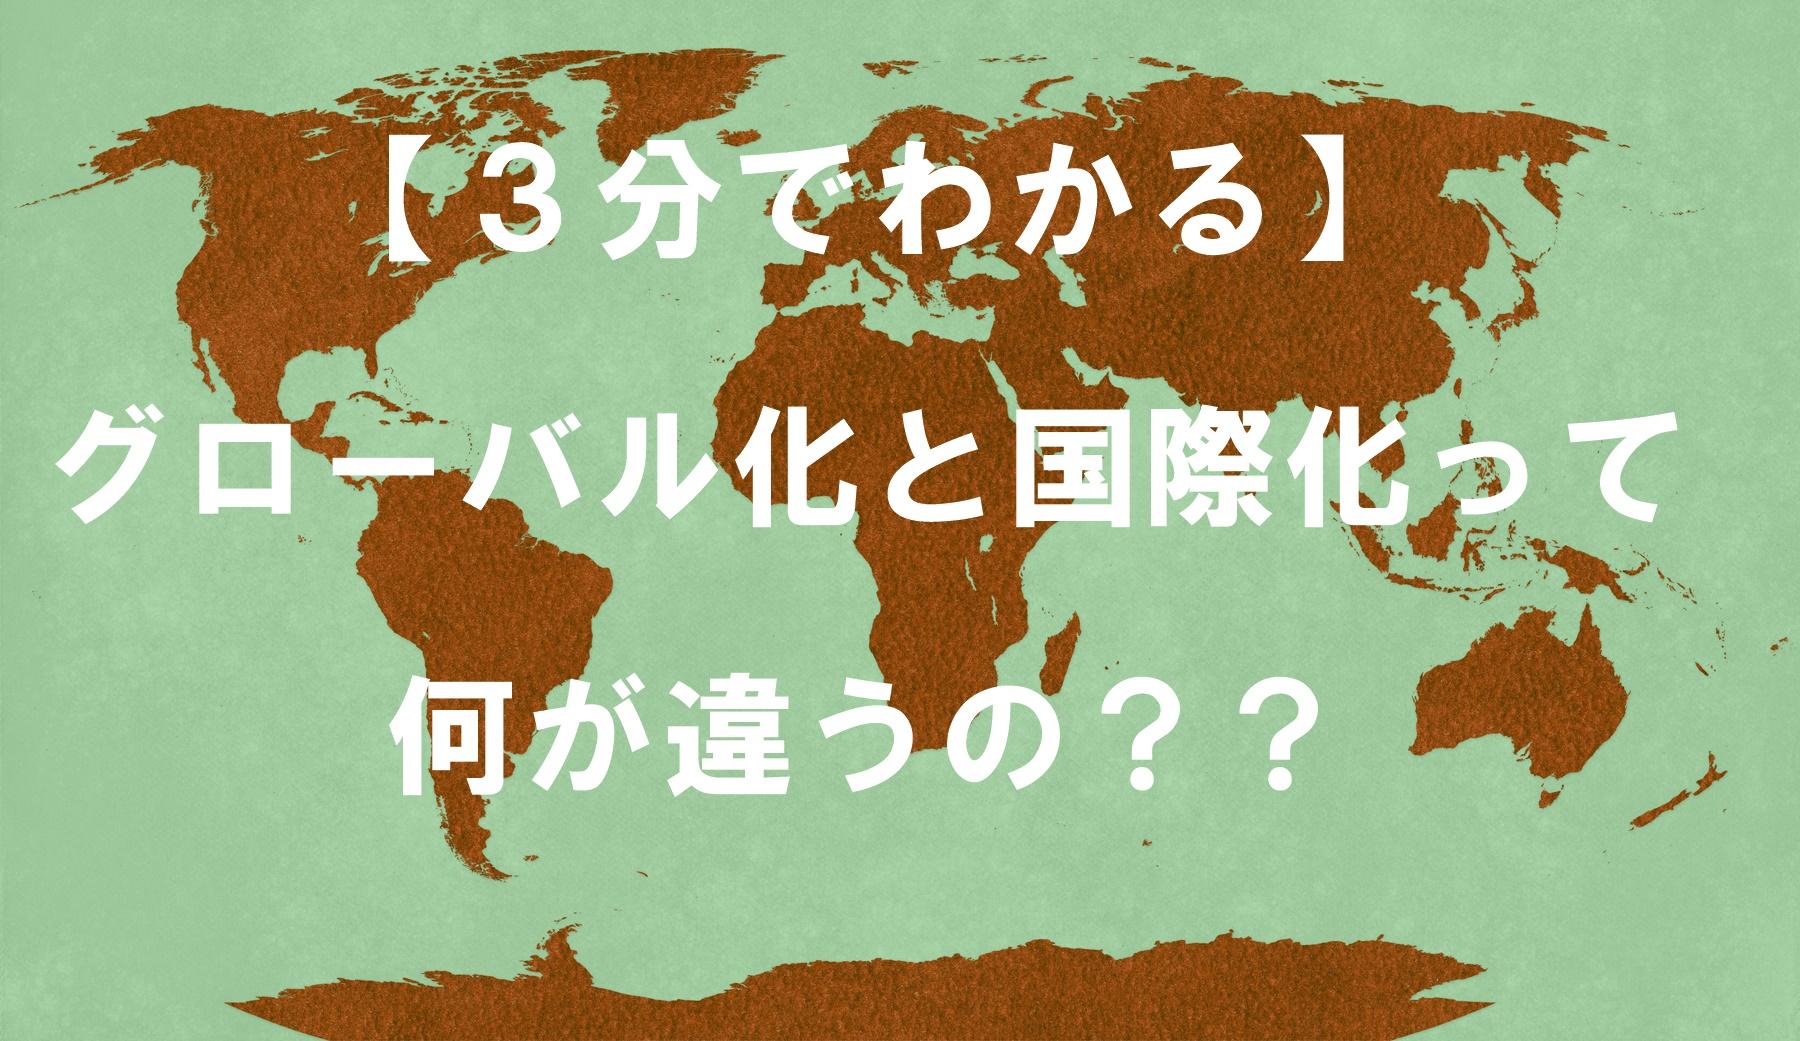 【3分でわかる】グローバル化と国際化って何が違うの??